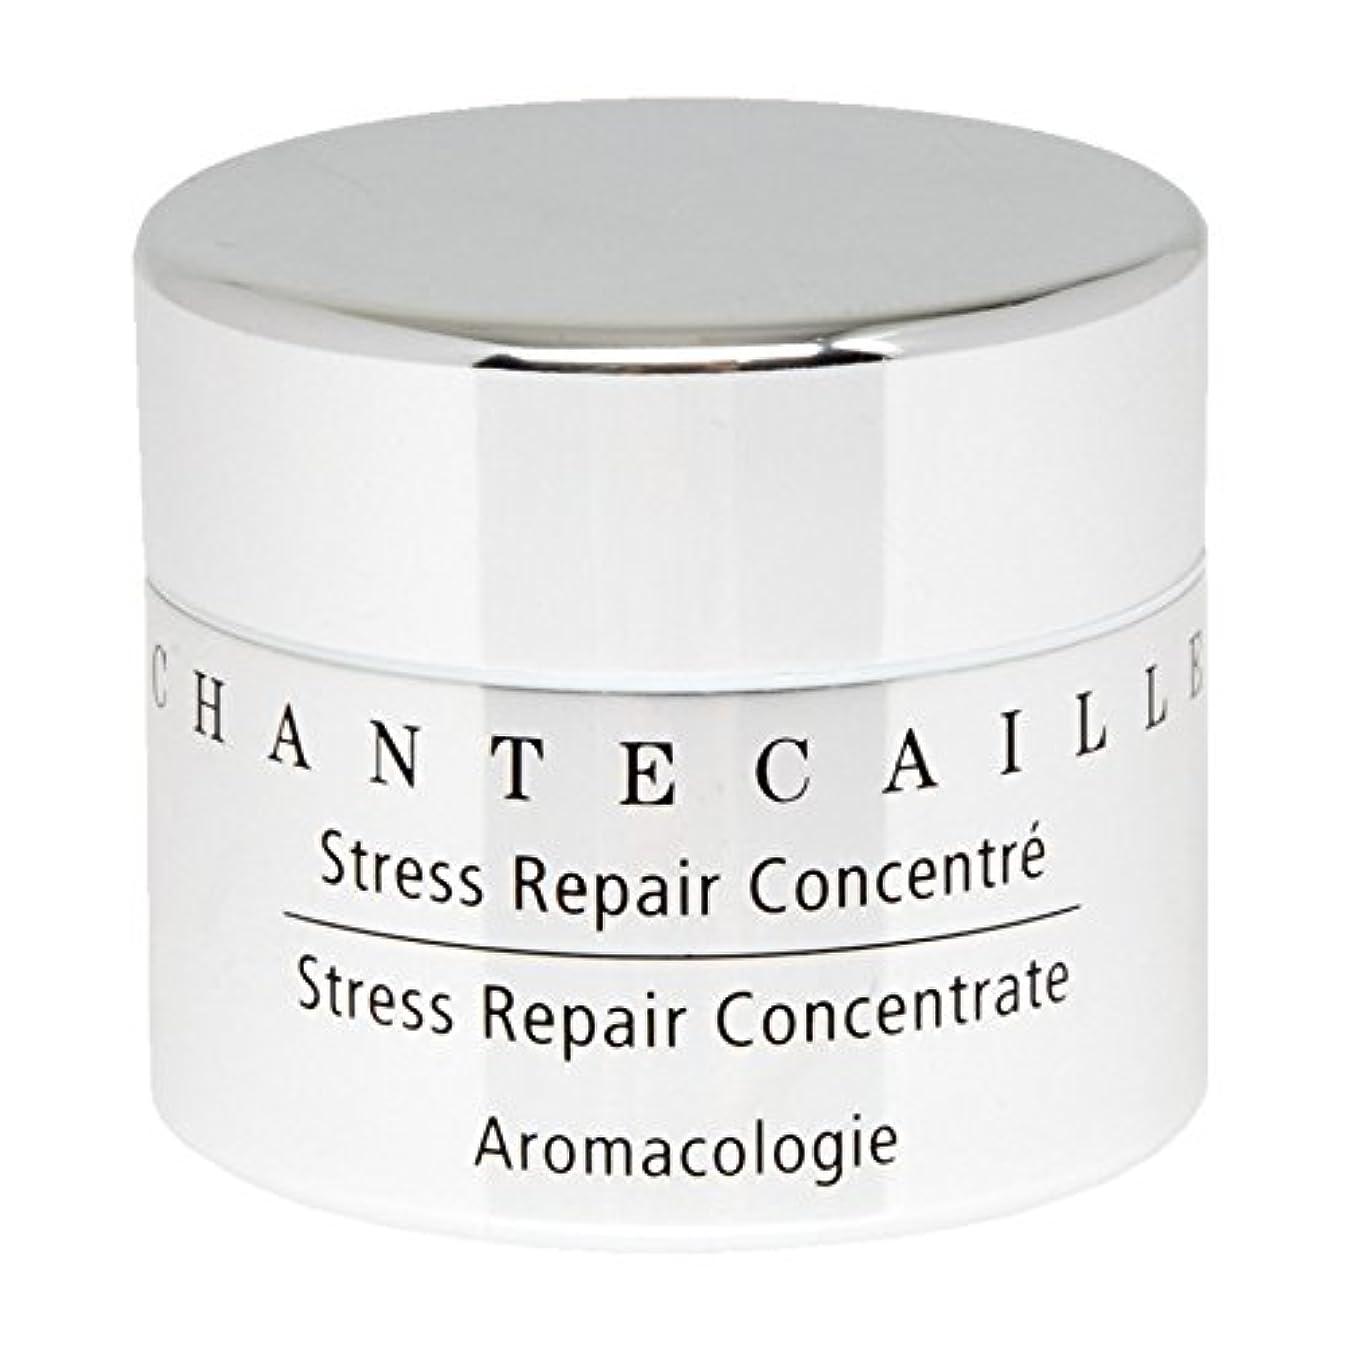 不規則な方言自由シャンテカイユストレス修復濃縮15ミリリットル x4 - Chantecaille Stress Repair Concentrate 15ml (Pack of 4) [並行輸入品]